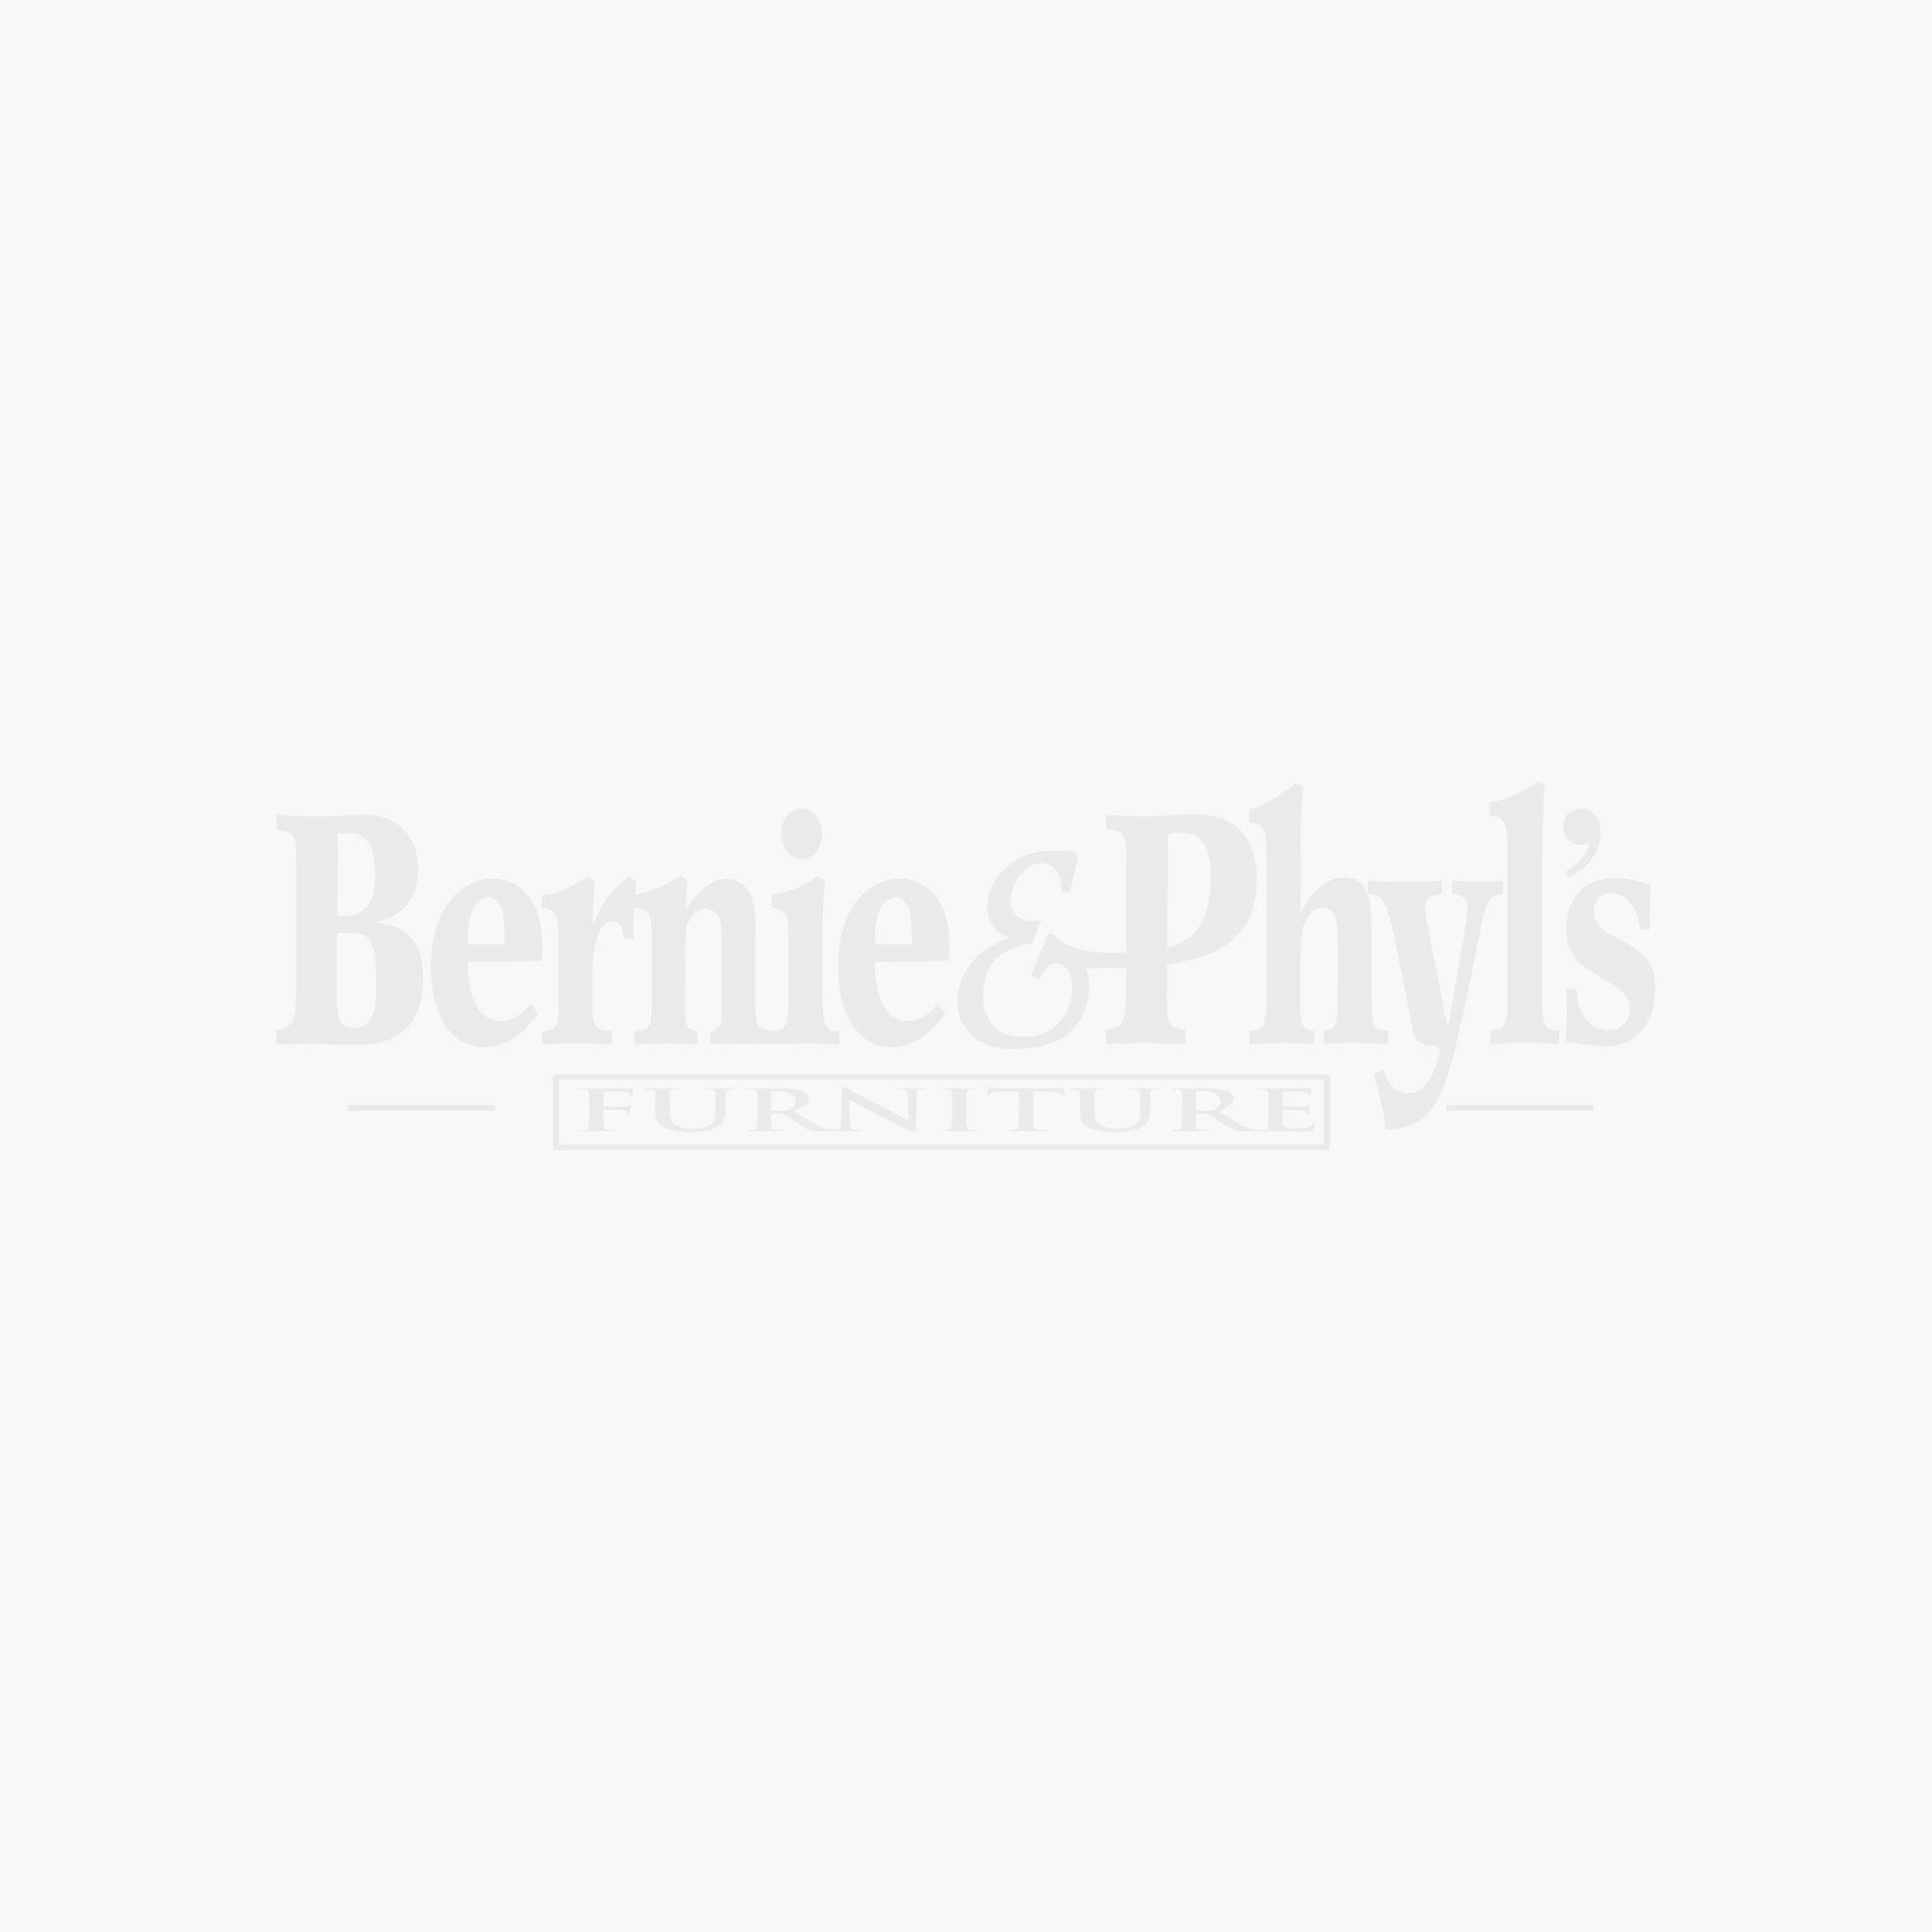 Wall Mount Craft Storage Rack W/ Baskets - Black W/ Espresso